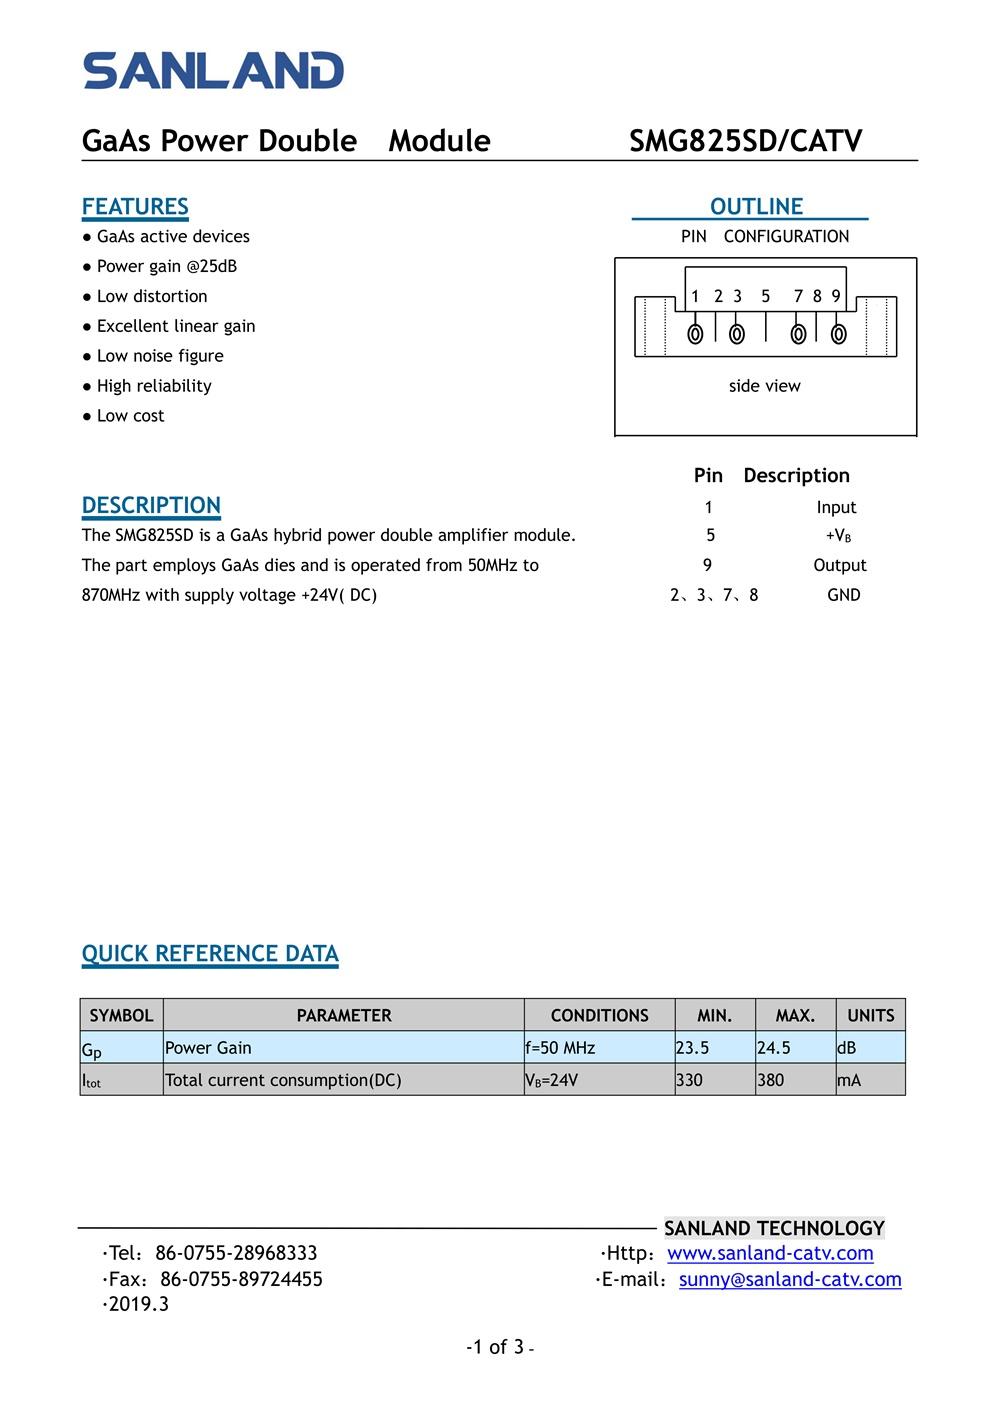 SMG-D>SD>SMG825SD